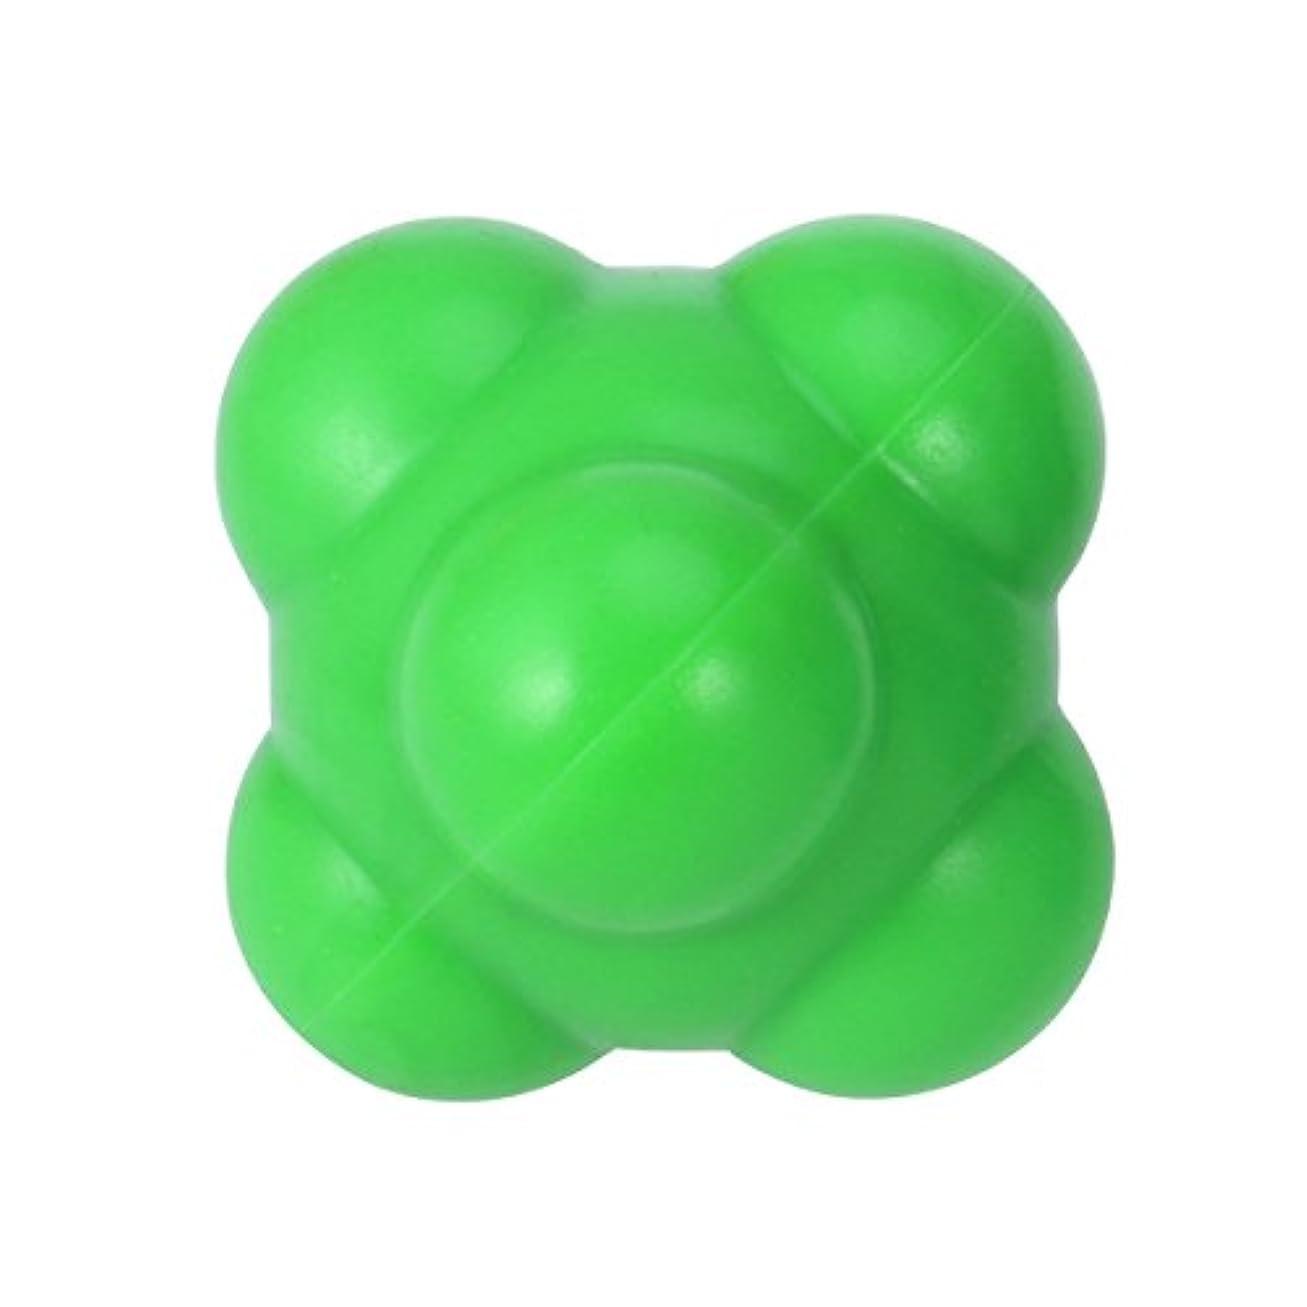 取り戻す最適洞窟SUPVOX 反応ボール 敏捷性とスピードハンドアイ調整(グリーン)